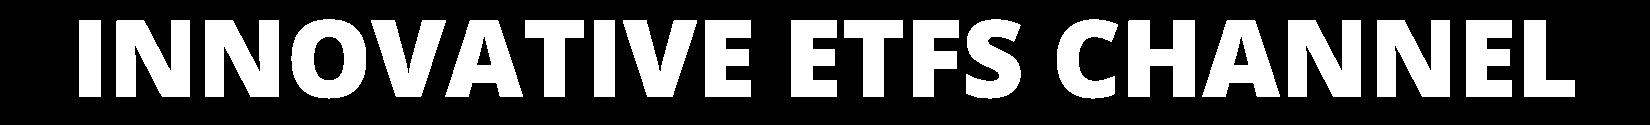 Innovative ETFs Channel - ETF Trends